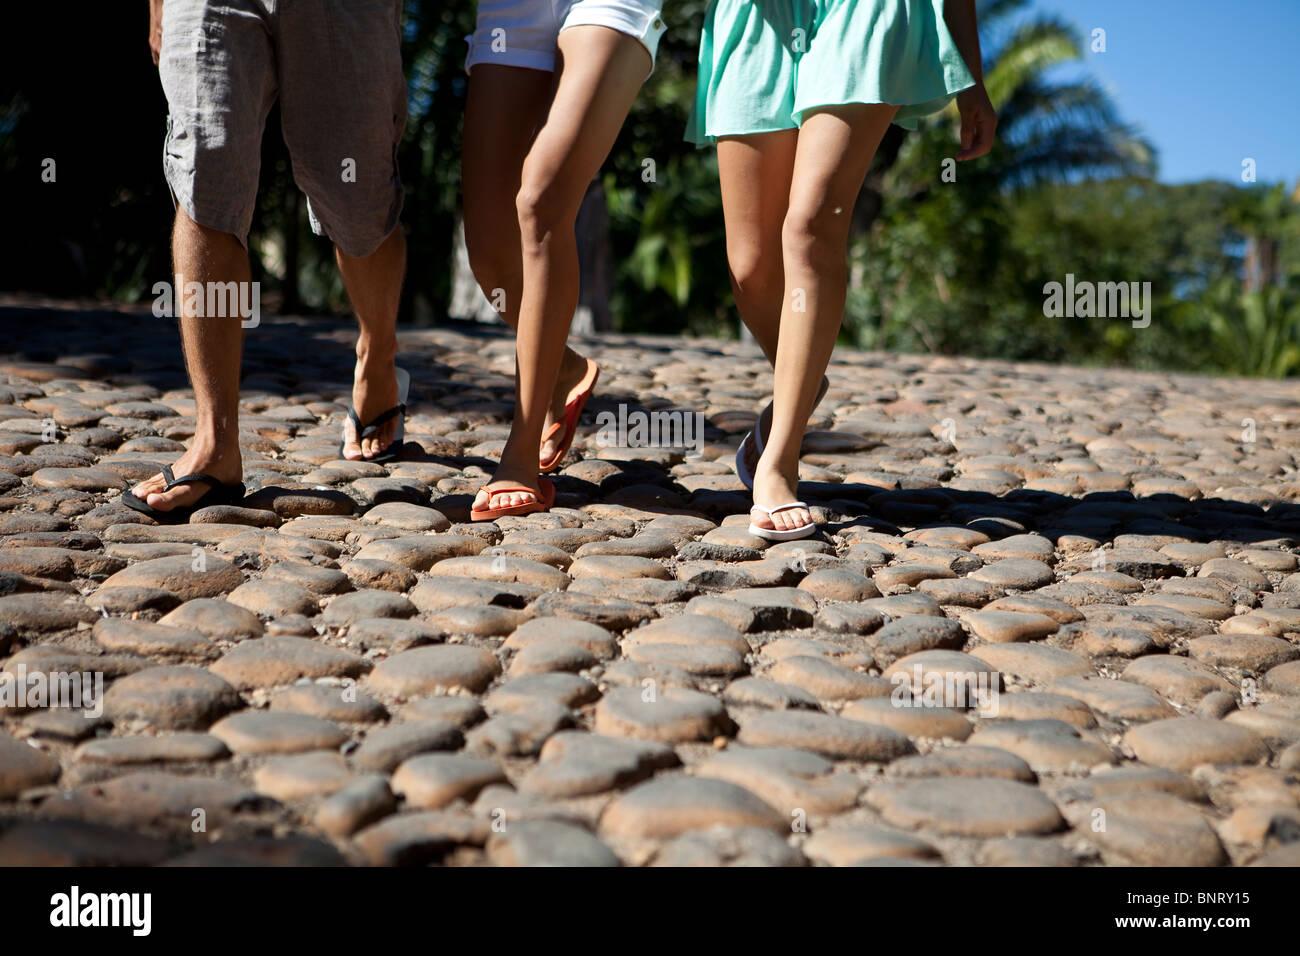 Drei junge Erwachsene schlendern Sie durch eine sonnige Kopfsteinpflaster Straße. Stockbild